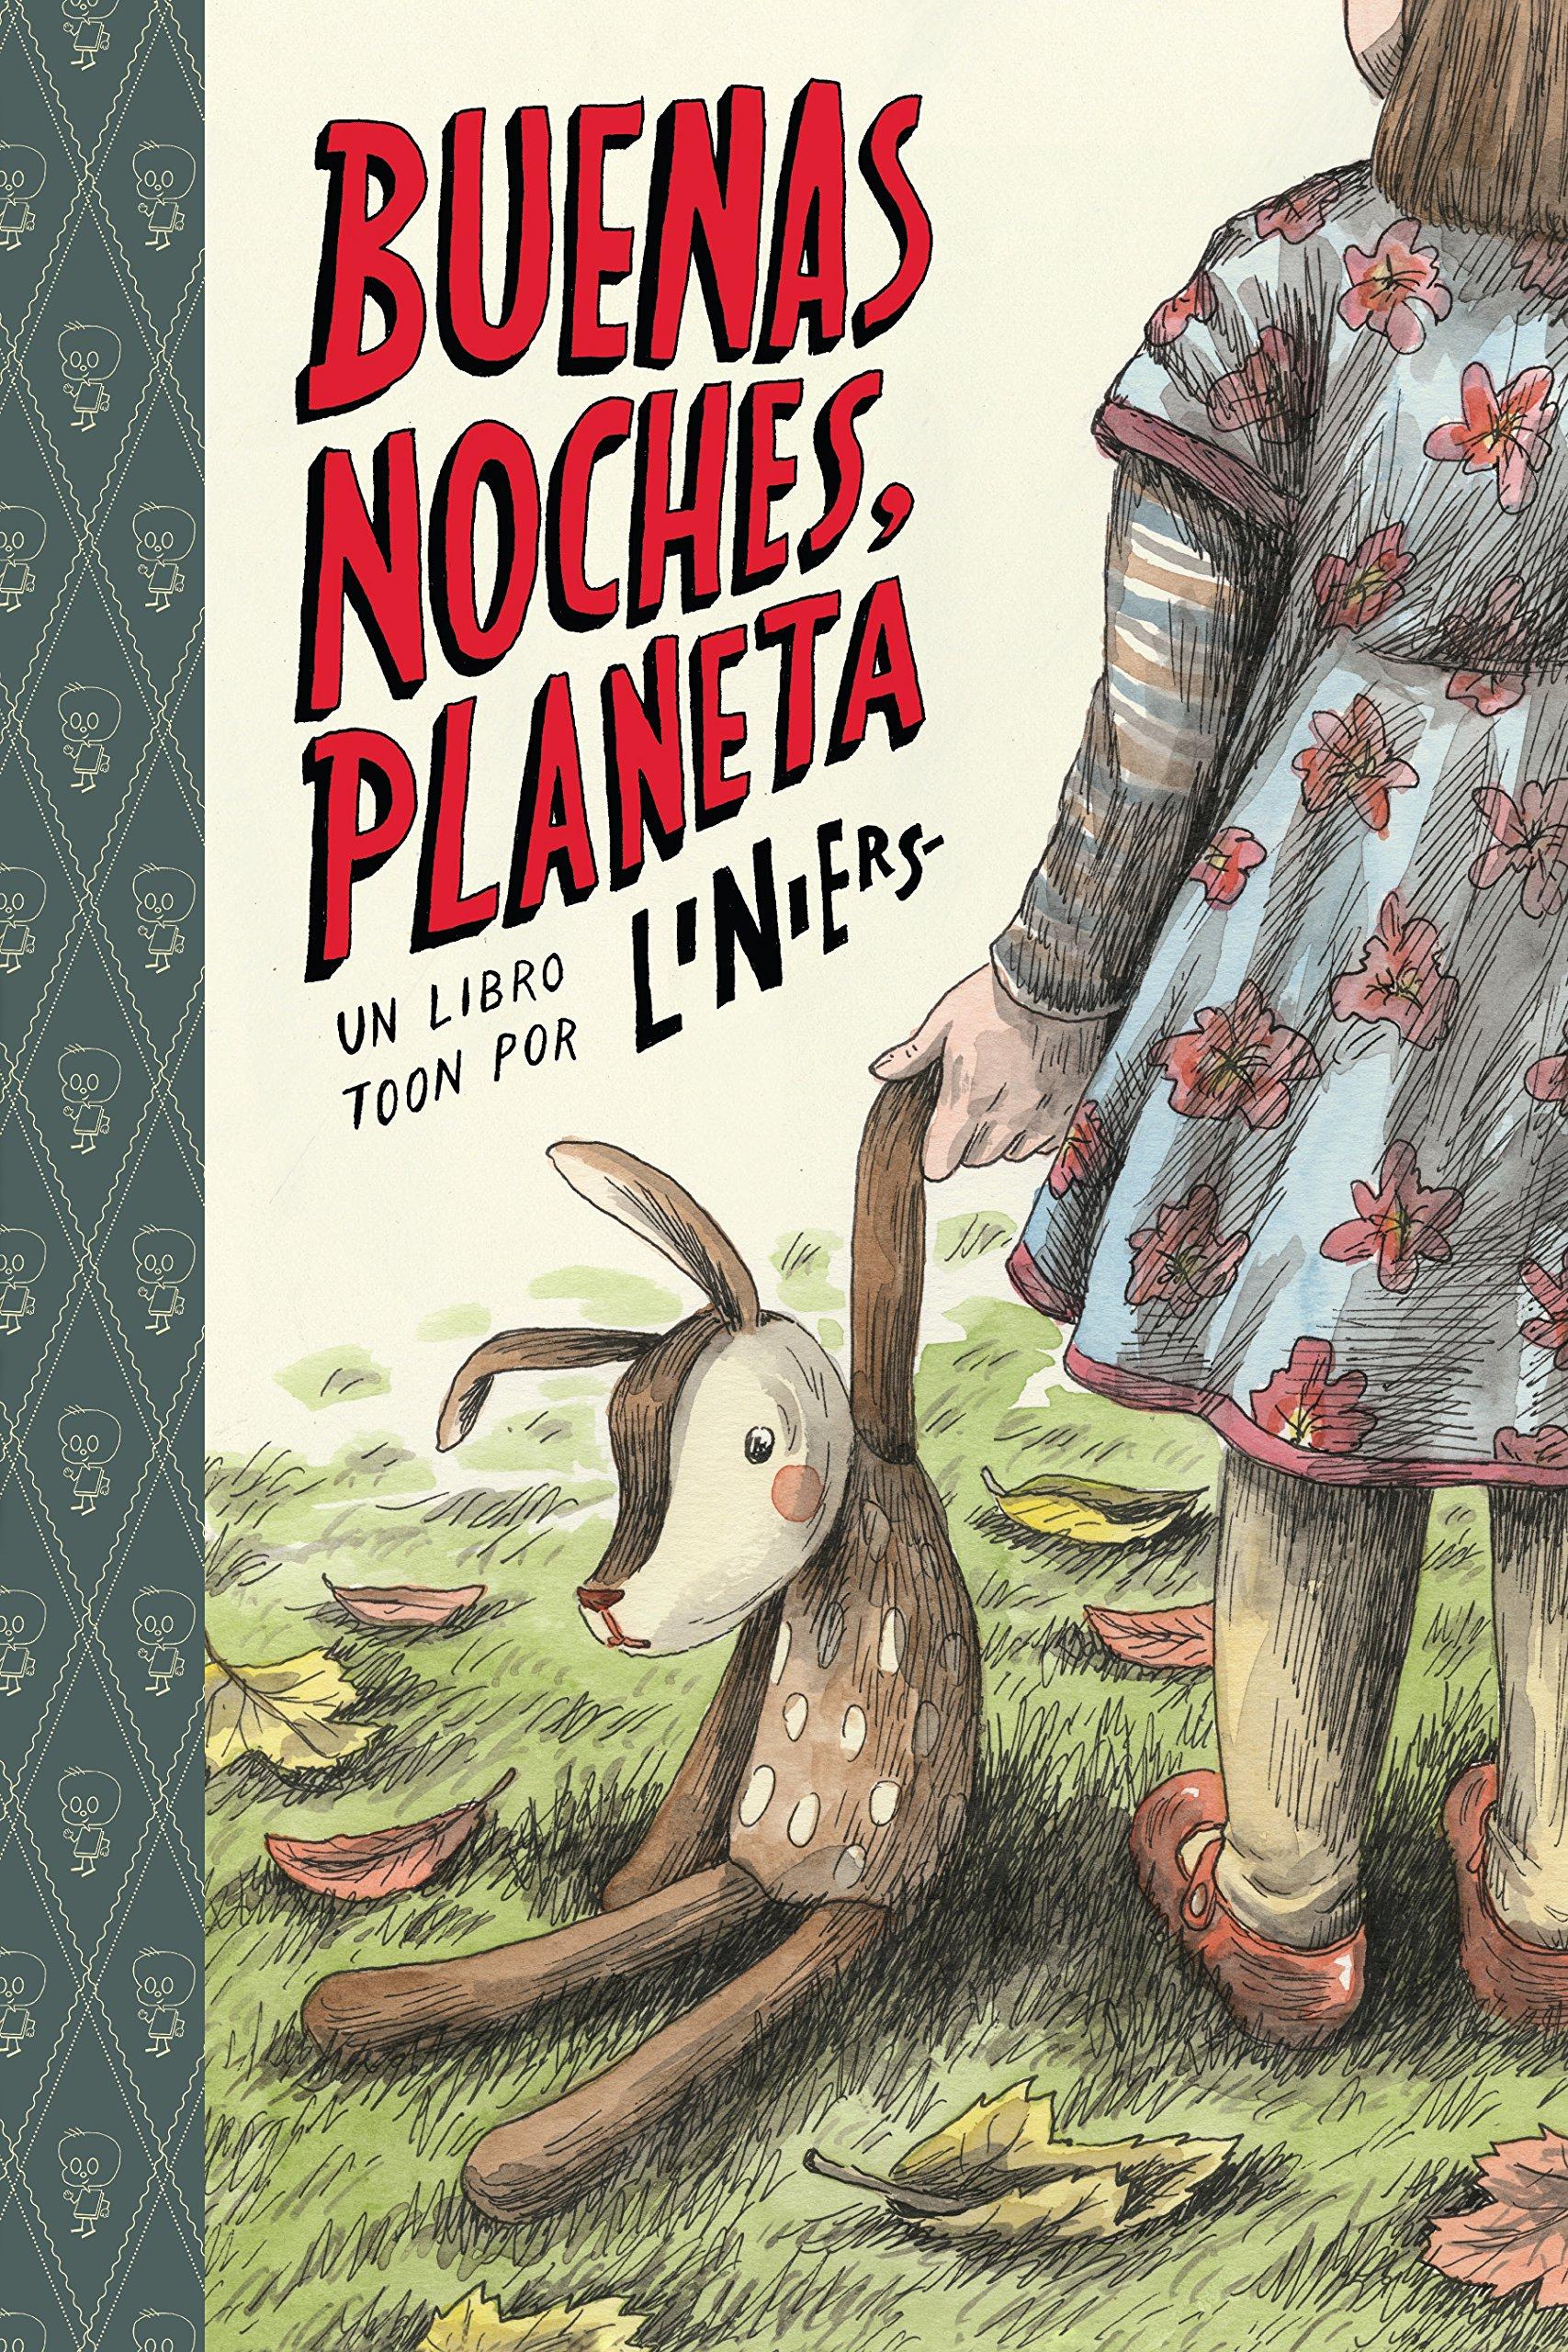 BUENAS NOCHES, PLANETA (Toon, Level 2): Amazon.es: Liniers: Libros en idiomas extranjeros